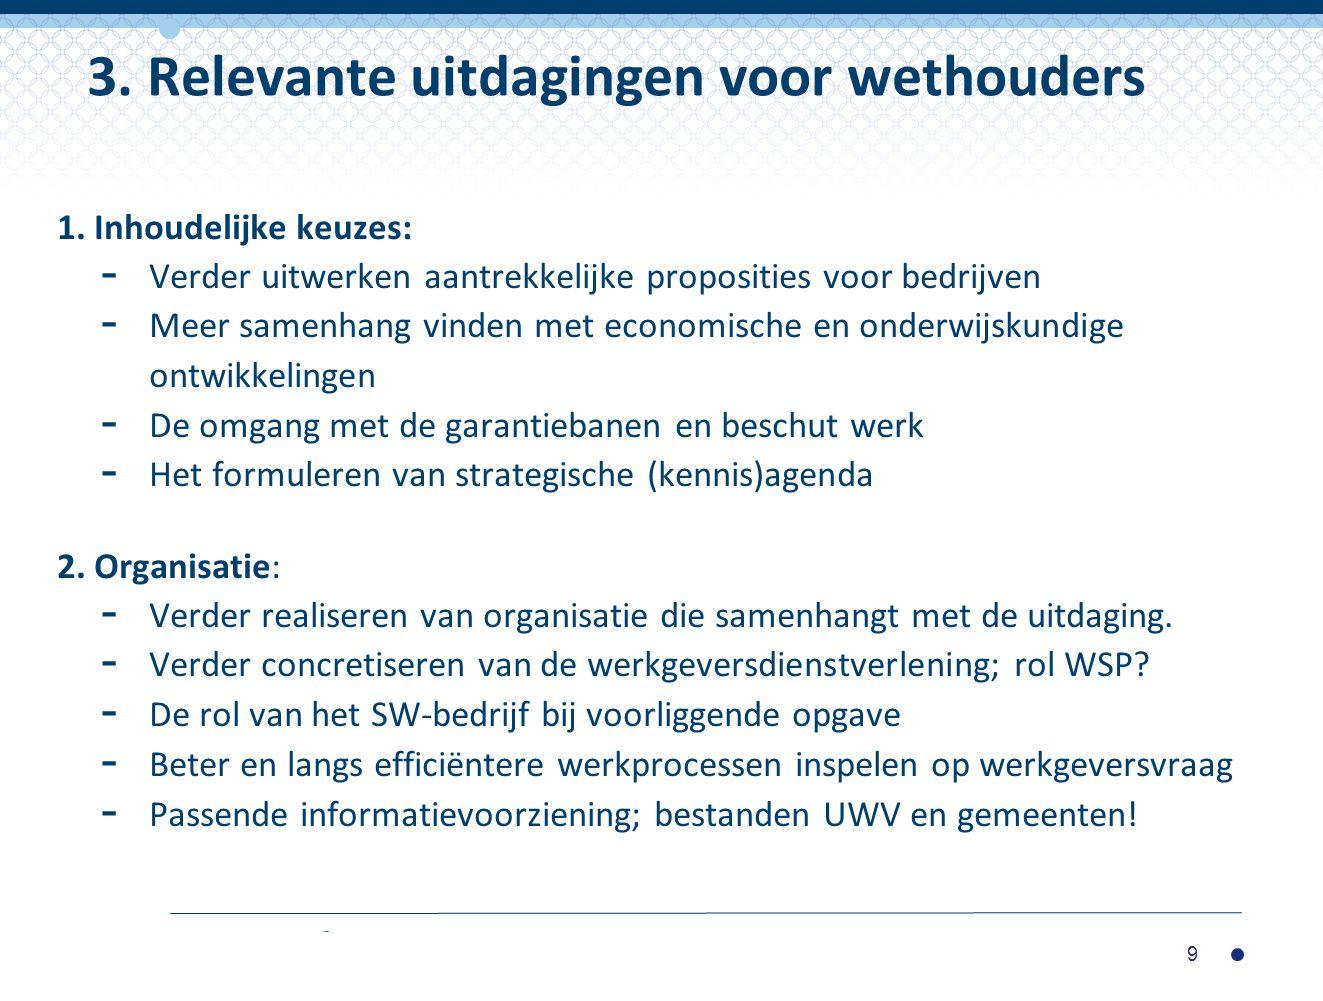 3. Relevante uitdagingen voor wethouders